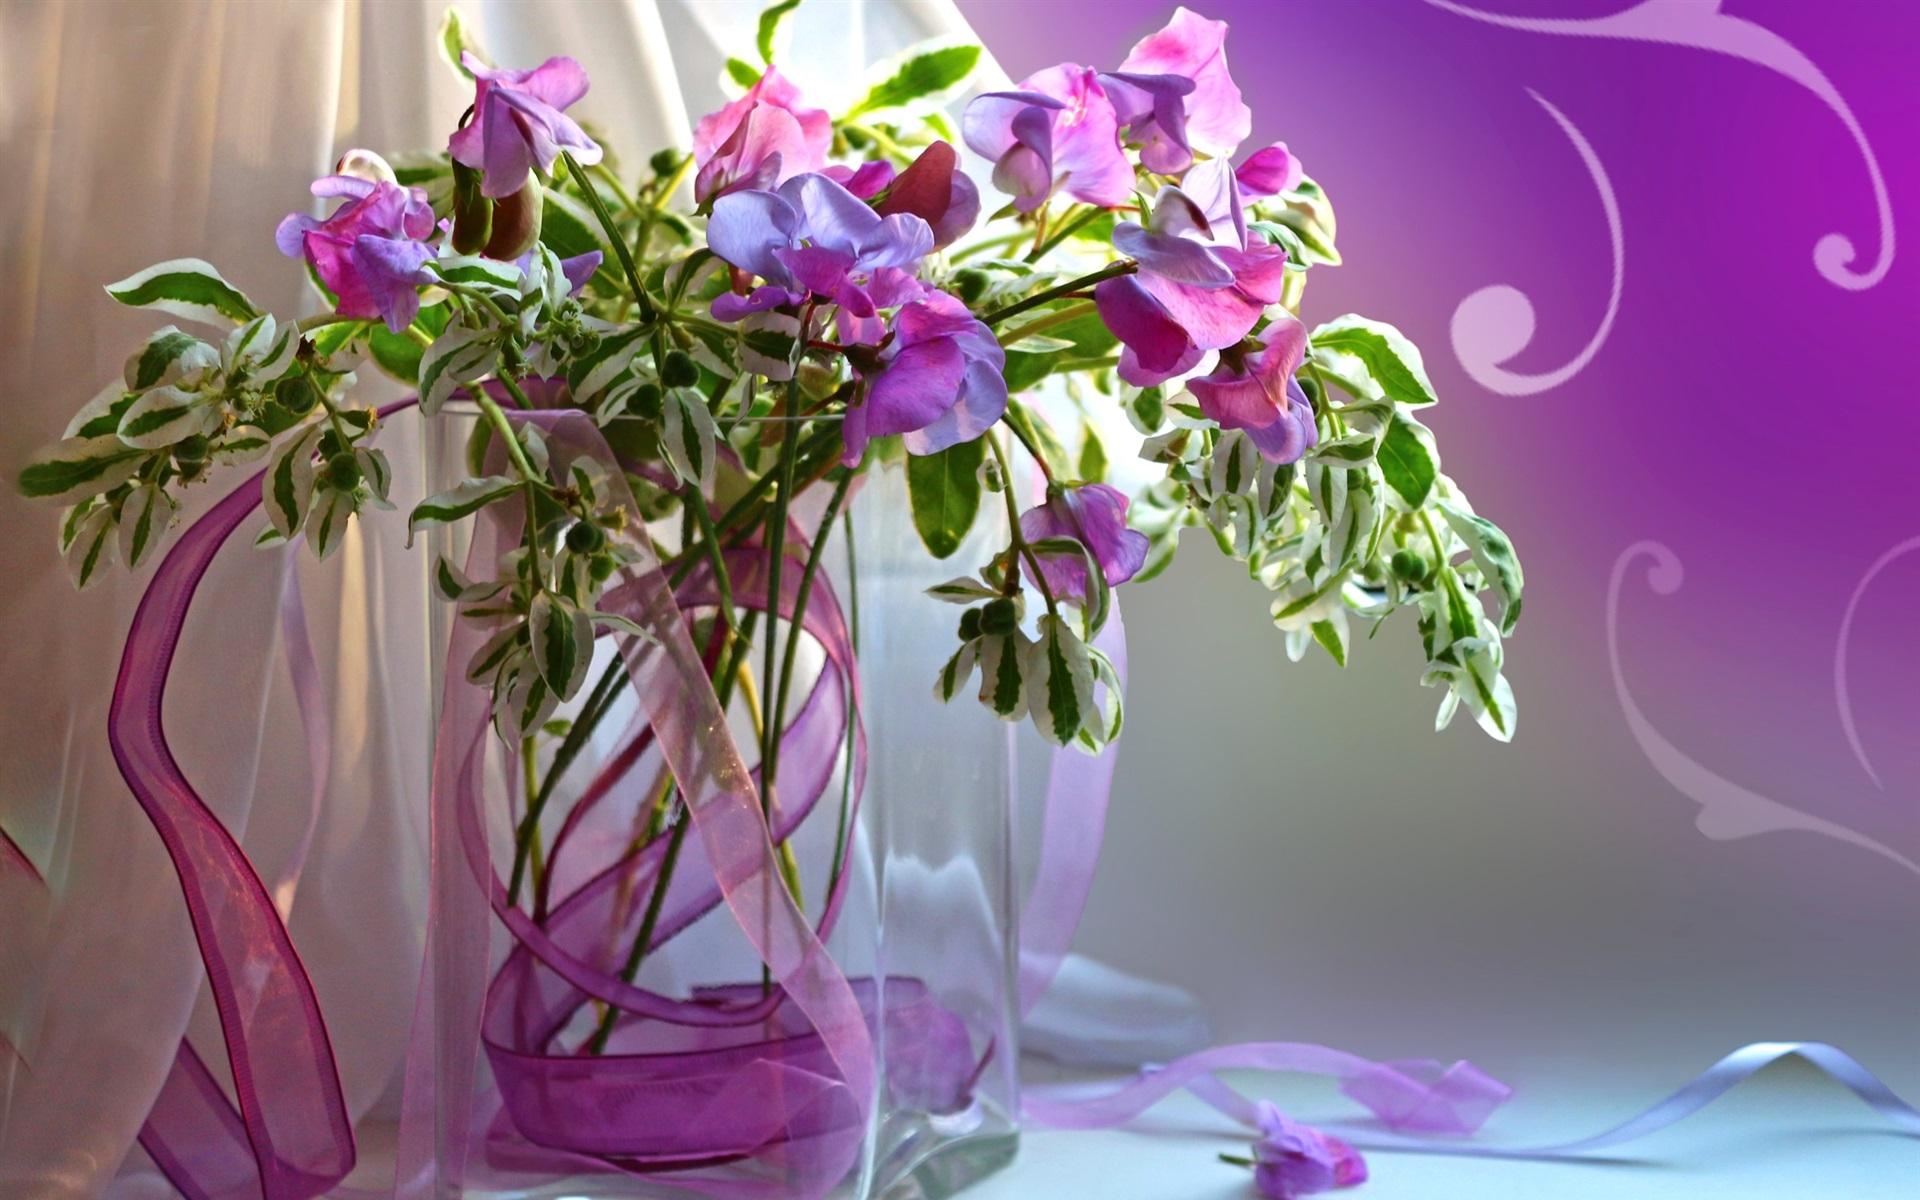 Картинки цветы в вазе на столе, для форума загрузить